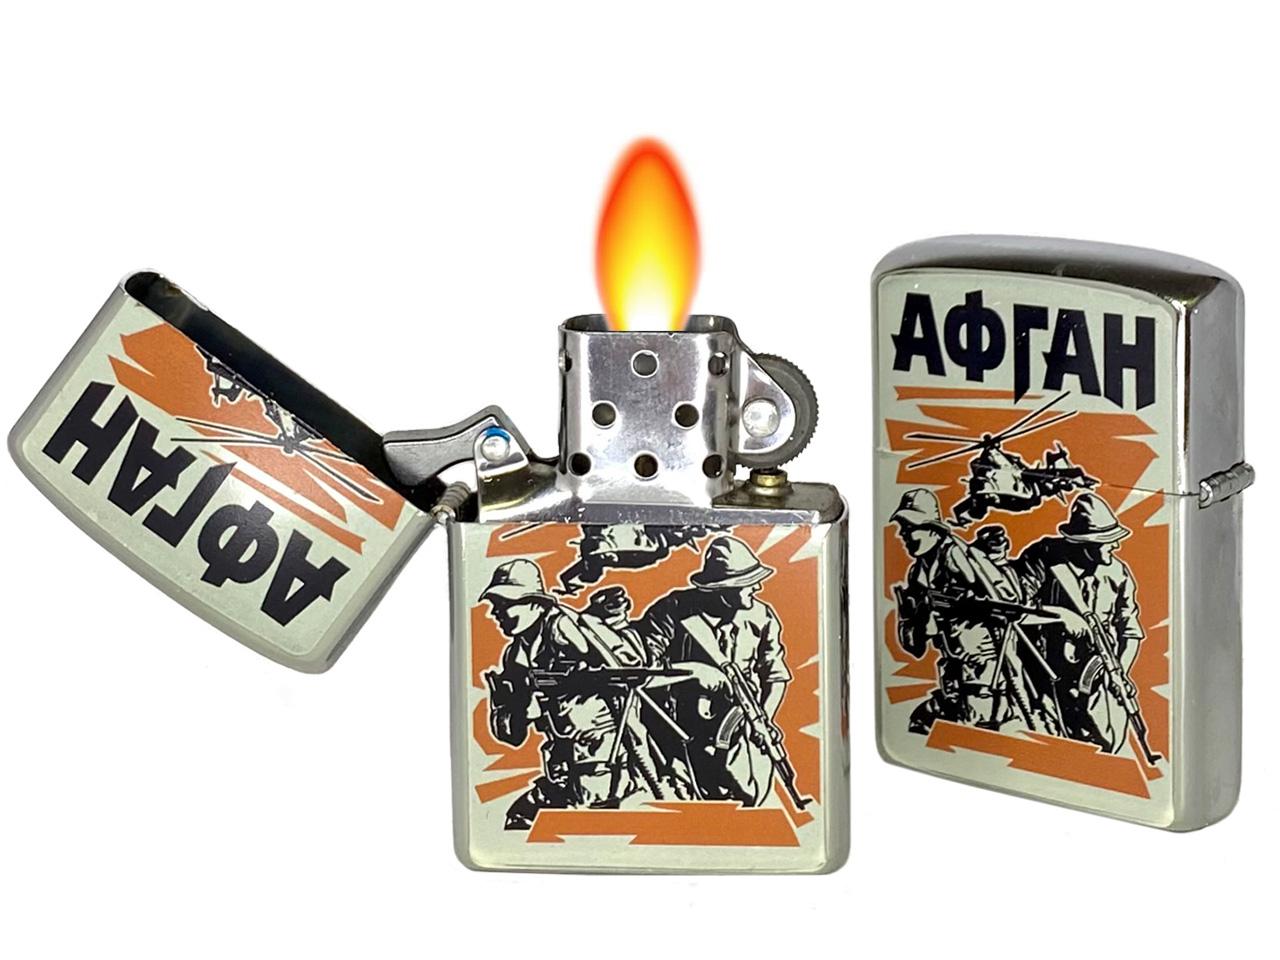 """Купить бензиновую крутую зажигалку """"Афган"""" оптом или в розницу"""